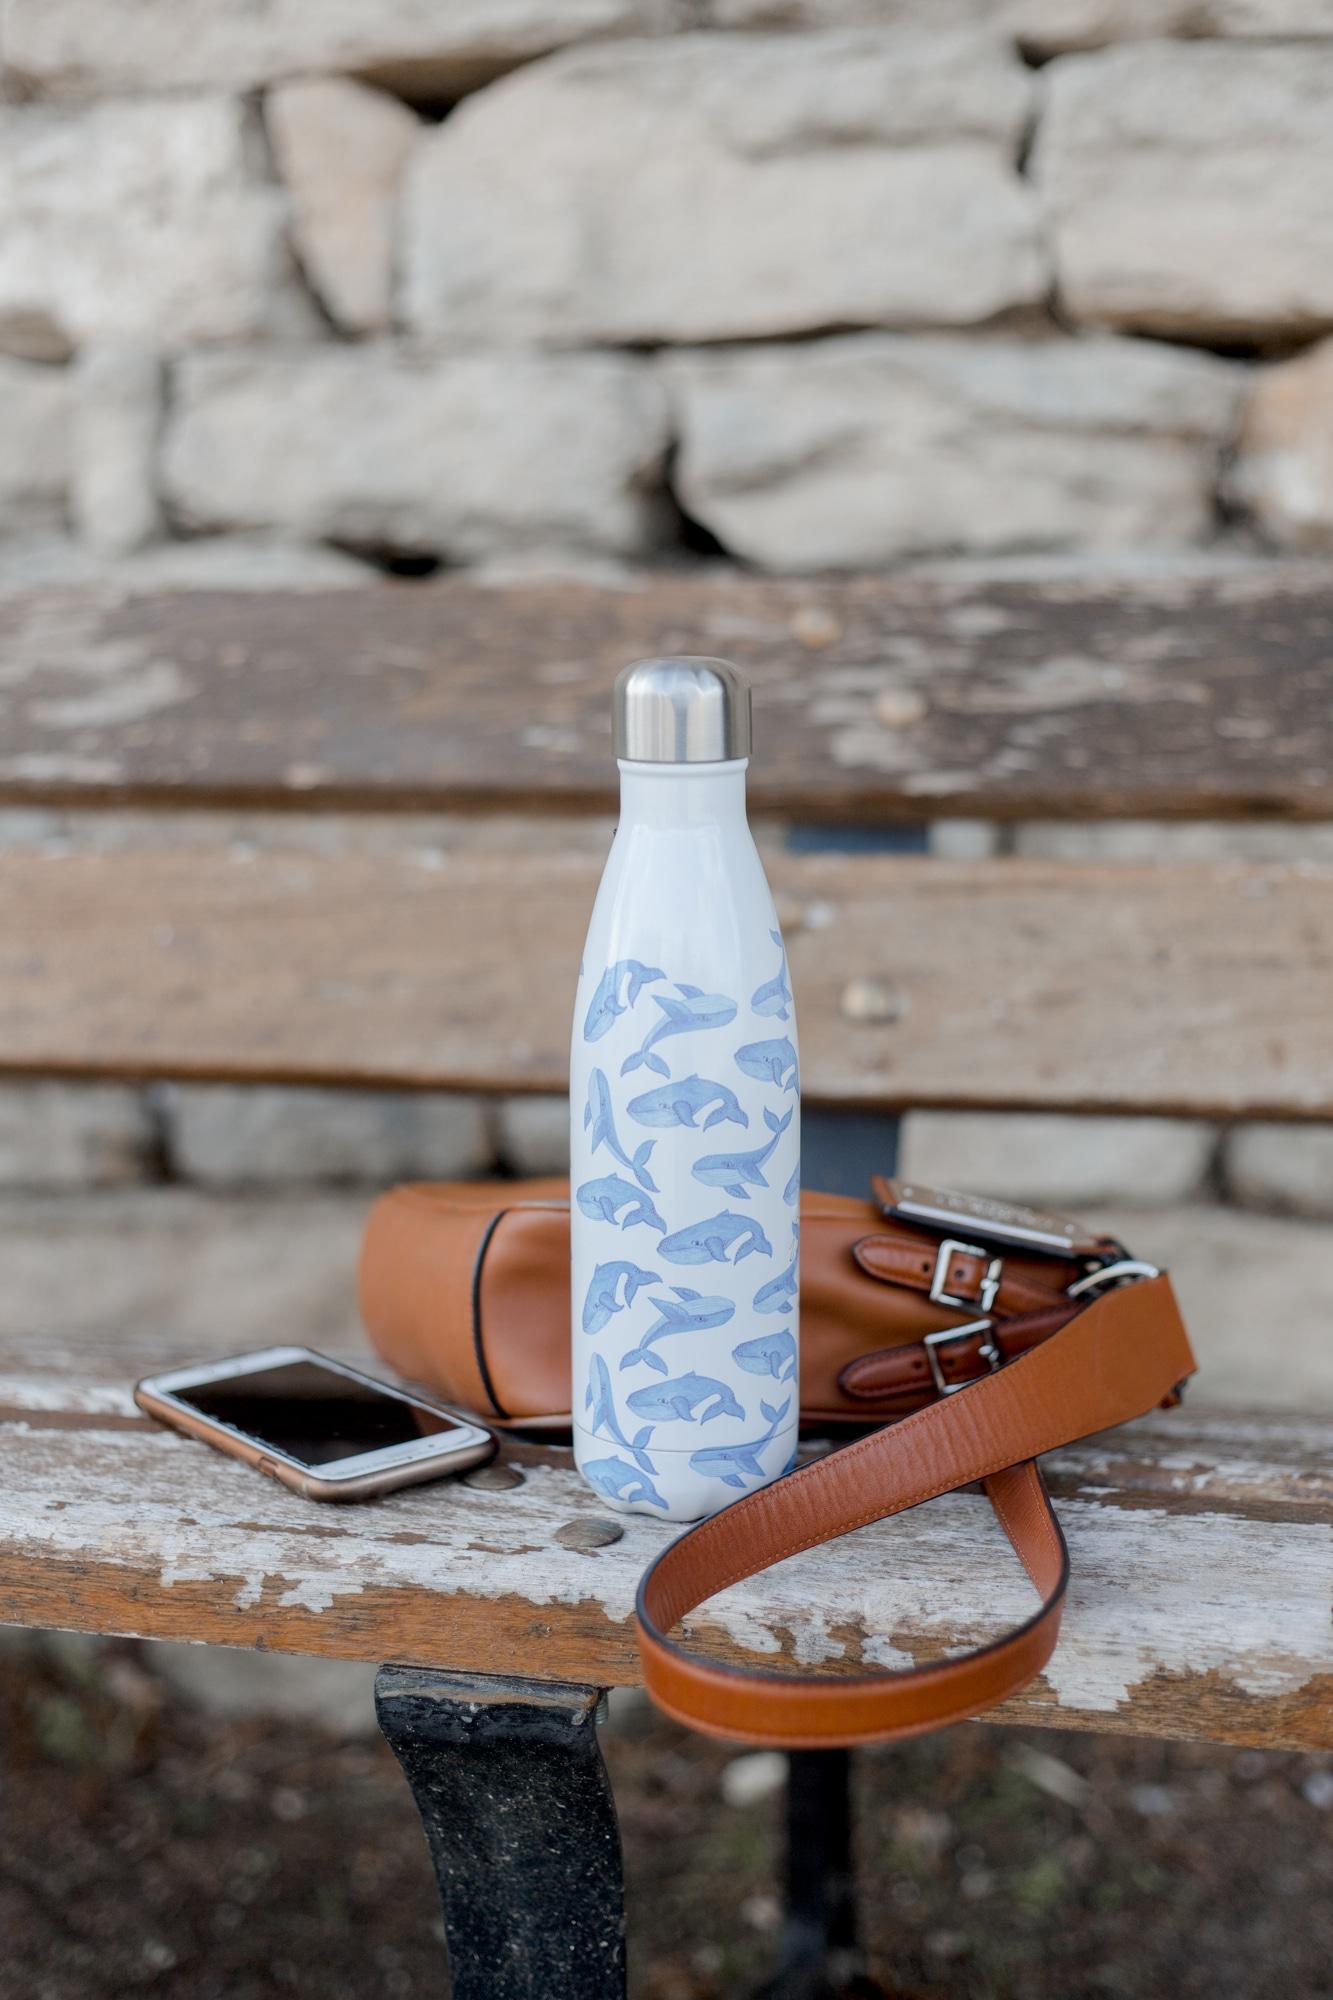 gourde isotherme chilly's bottles : réflexions écolo autour du zéro déchet